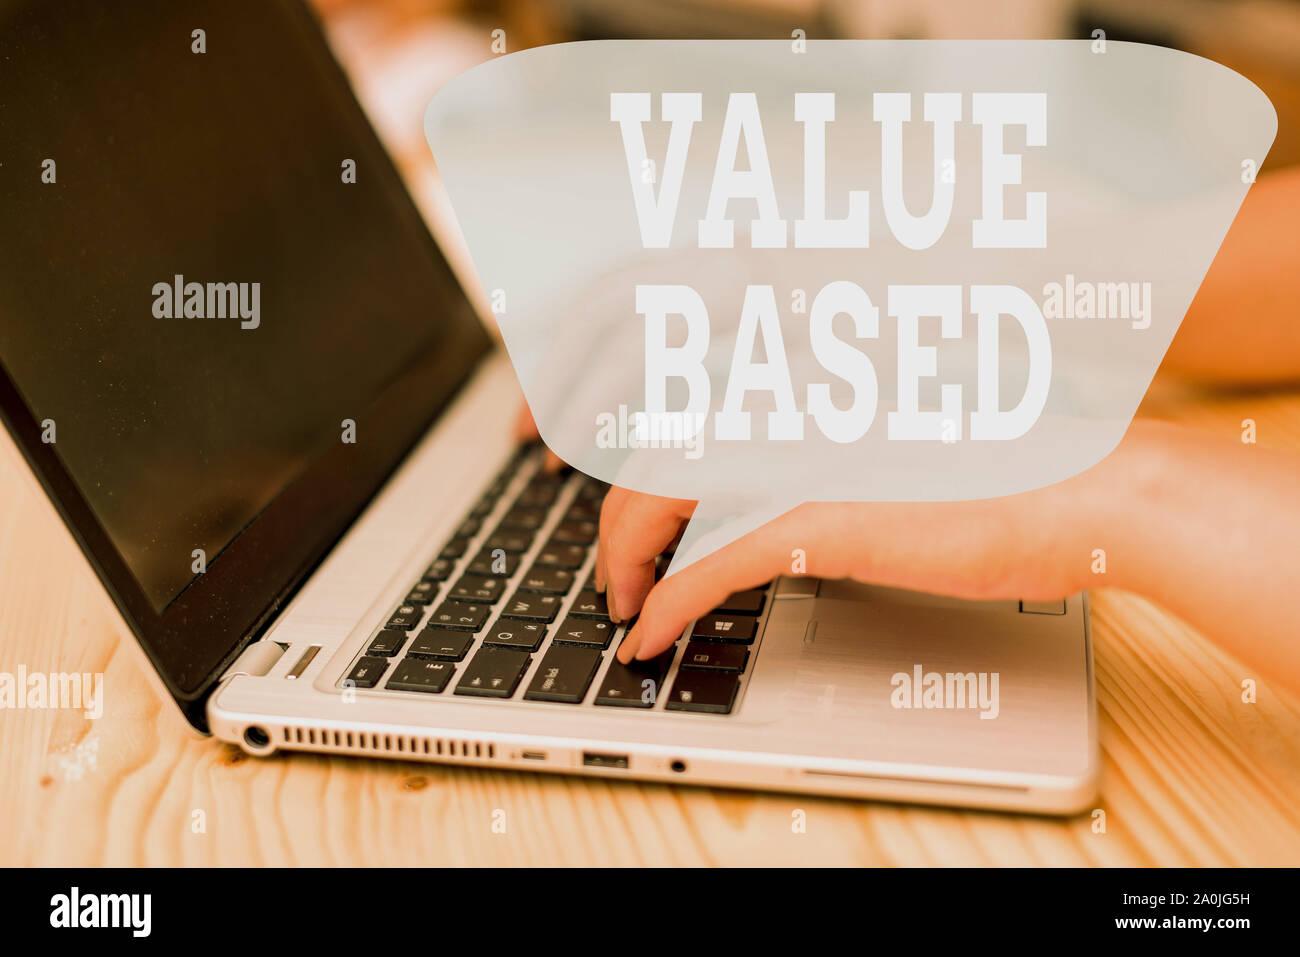 Escritura a mano conceptual mostrando valor basado. Concepto Significado considerando el producto vale la pena por la satisfacción del cliente Mujer con portátil y smartphone Foto de stock